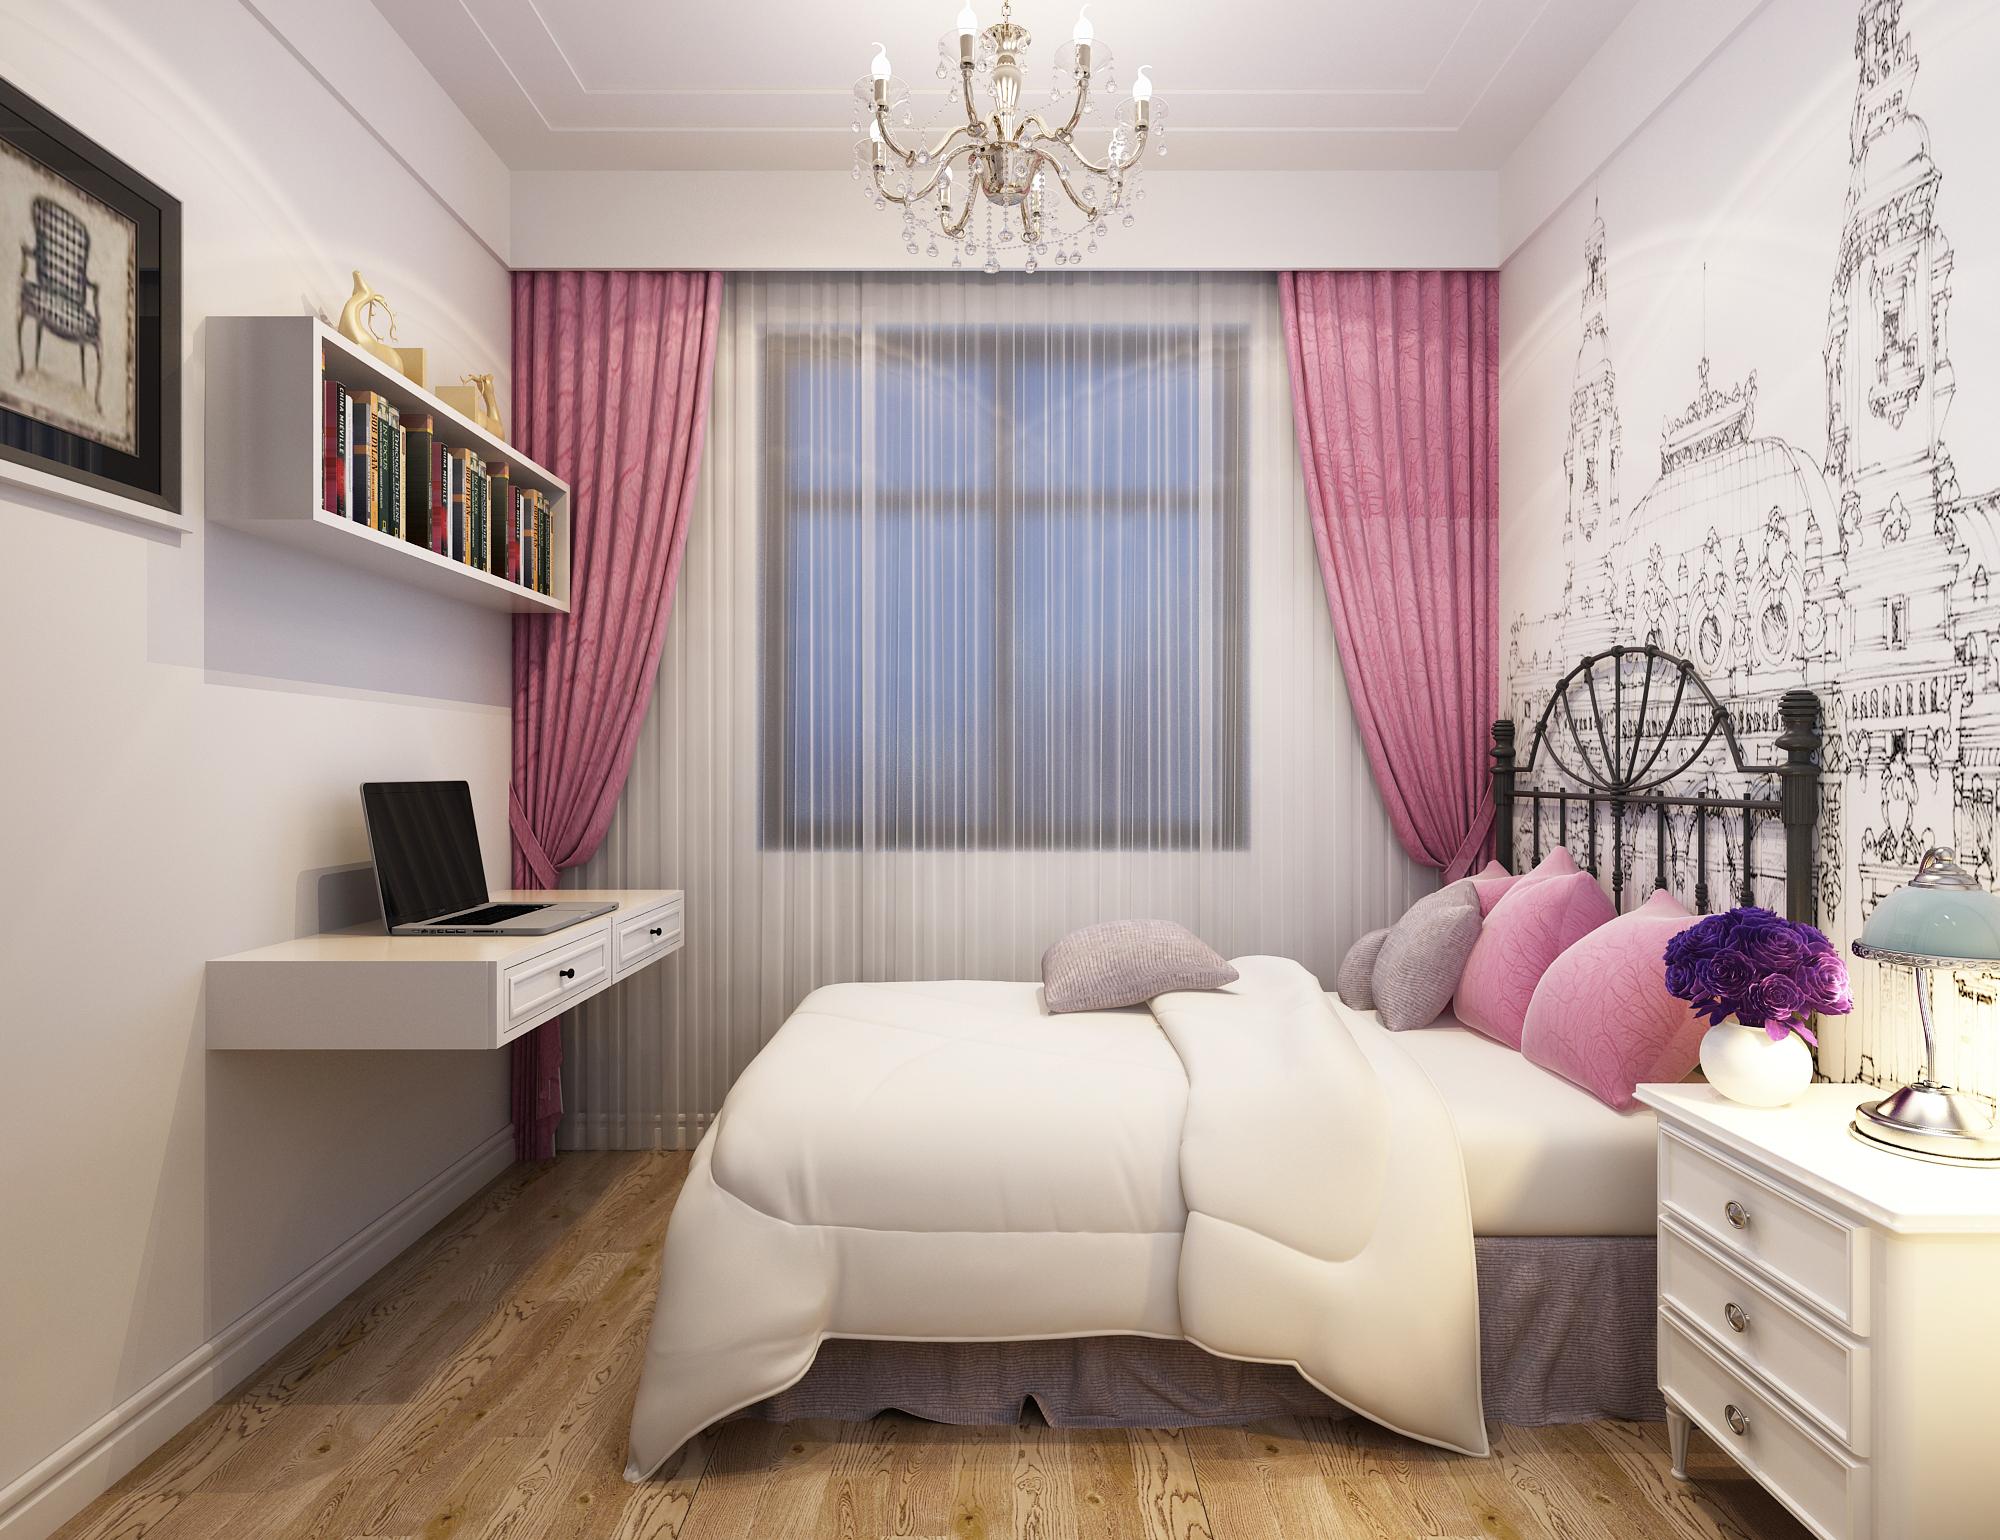 室内设计家装效果图自建房设计装修别墅新房家装设计